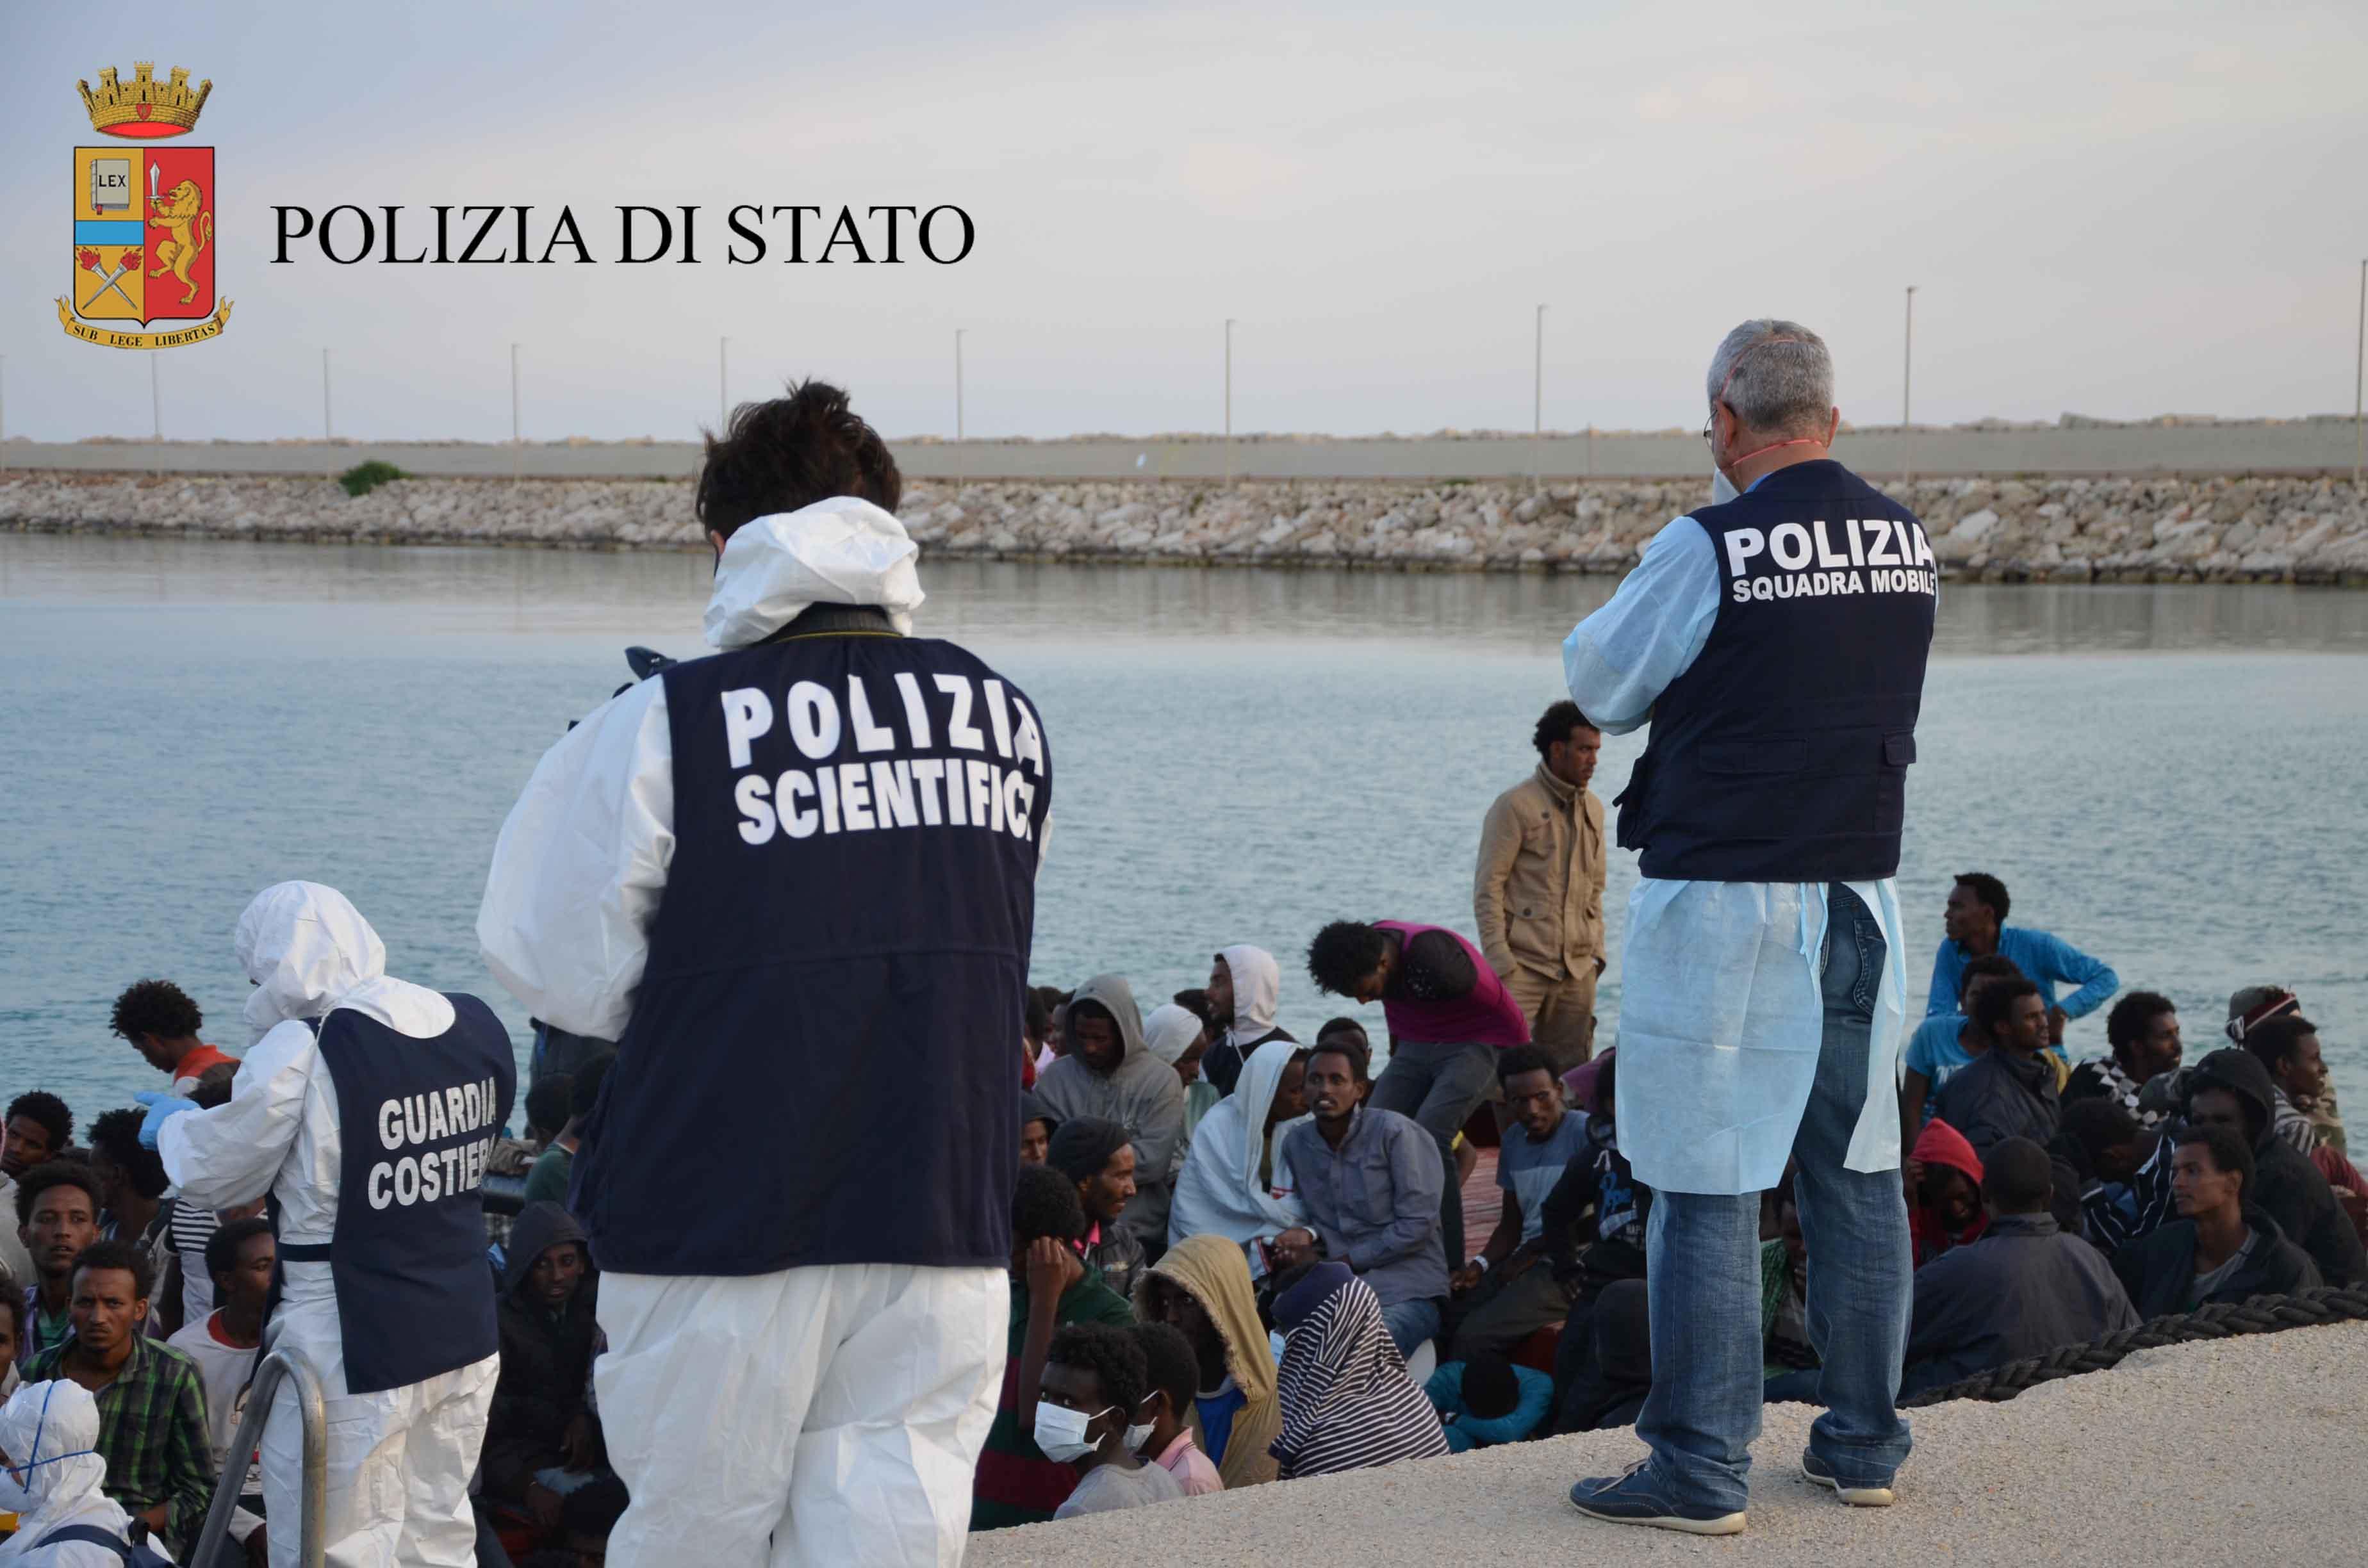 Polizia di stato questure sul web vibo valentia for Polizia di stato soggiorno